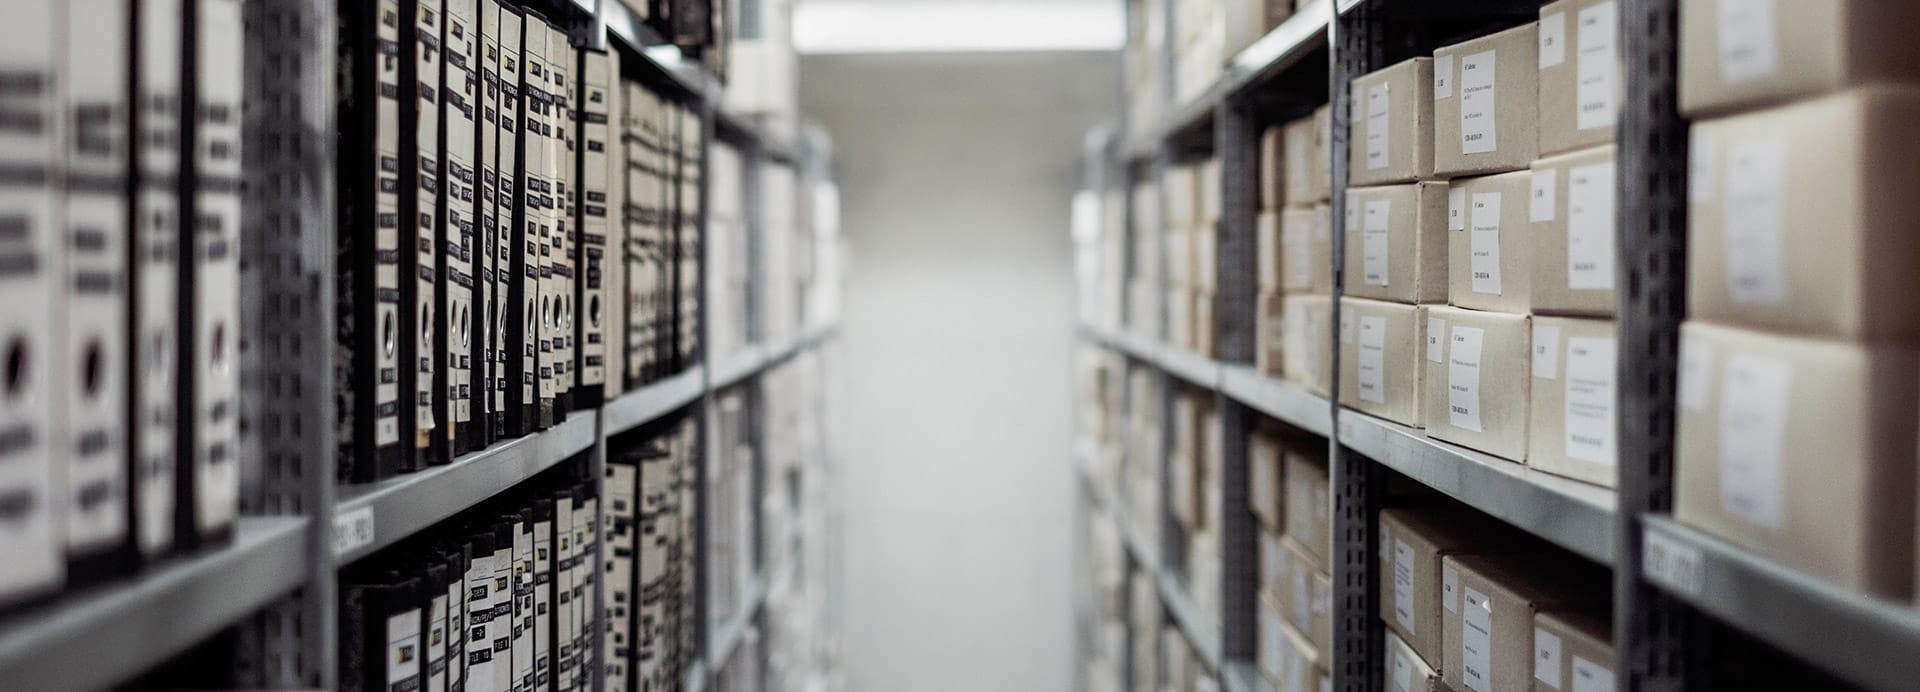 Archiv mit Dokumenten